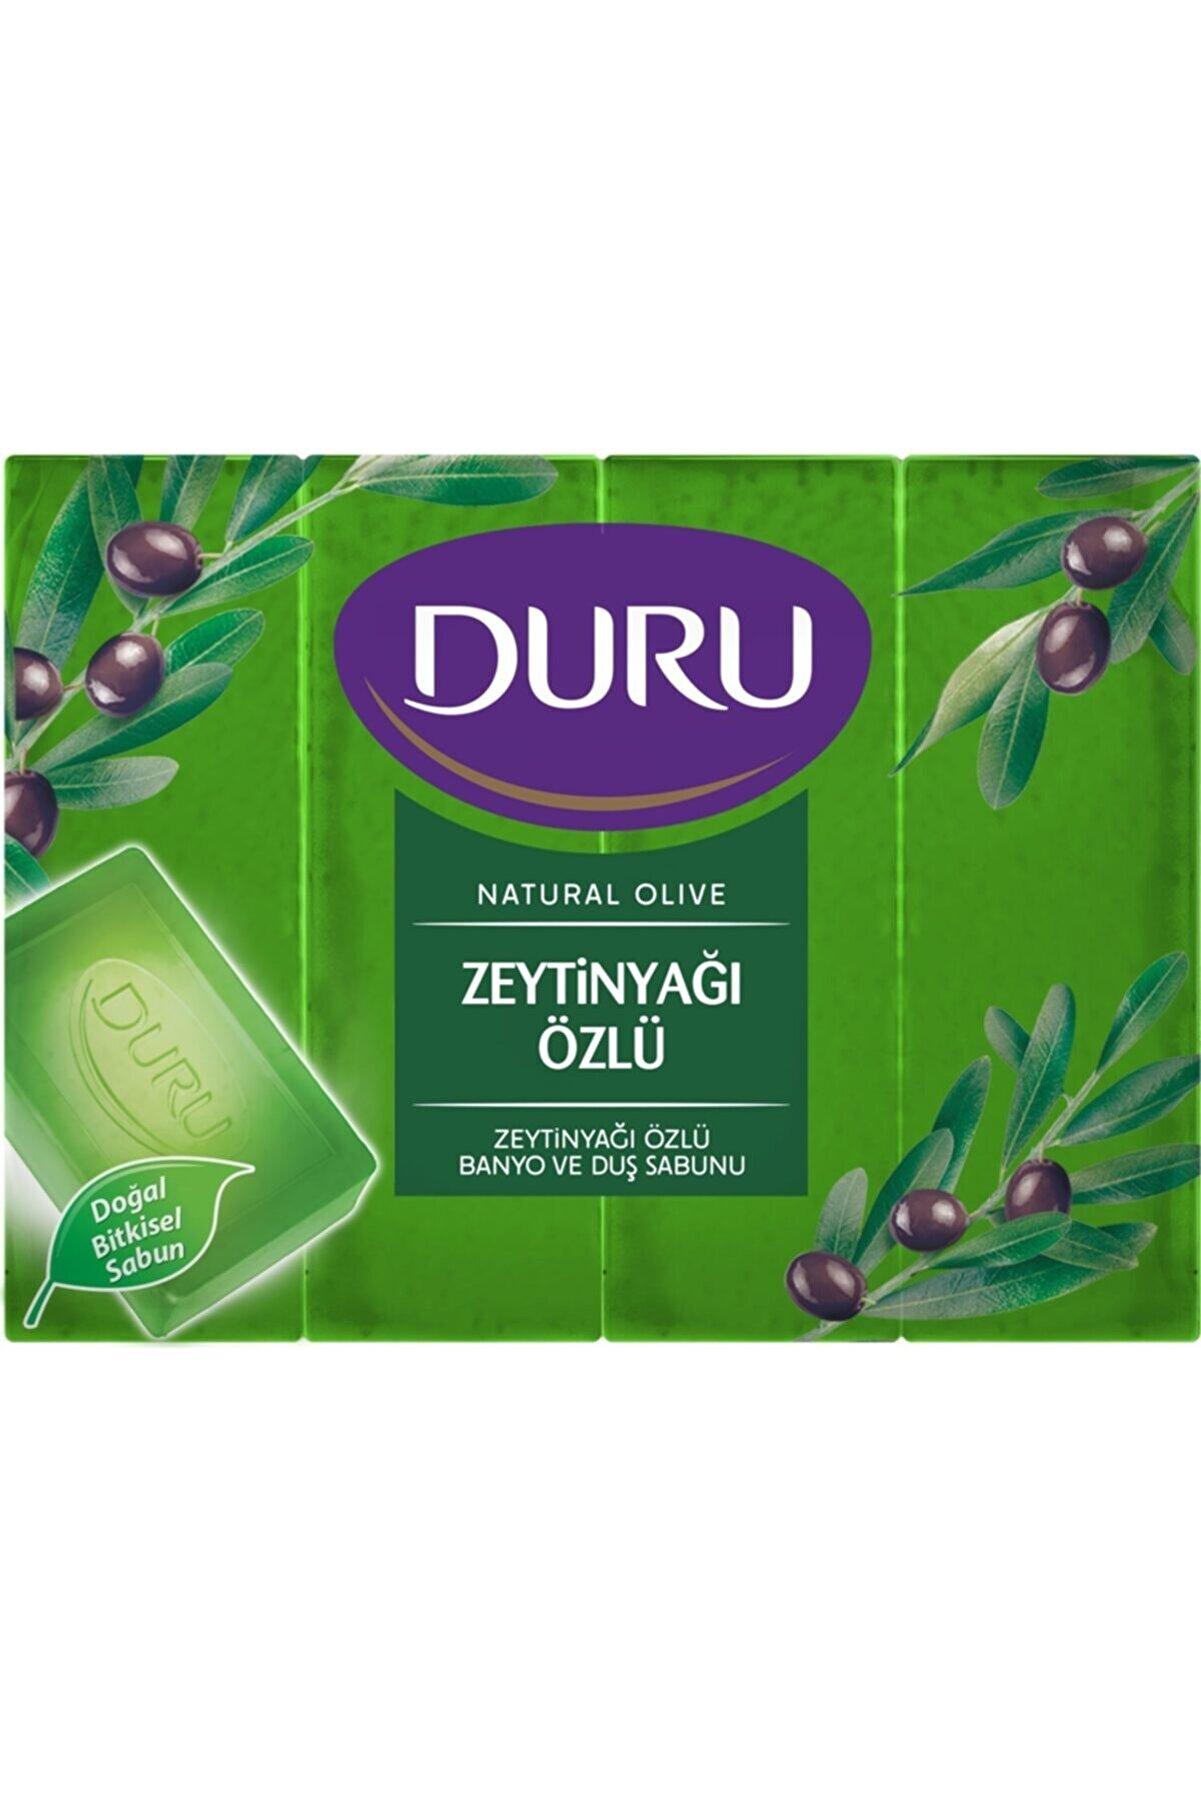 Duru Natural Olive Zeytinyağlı 4 Adet Banyo Sabunu 600 gr